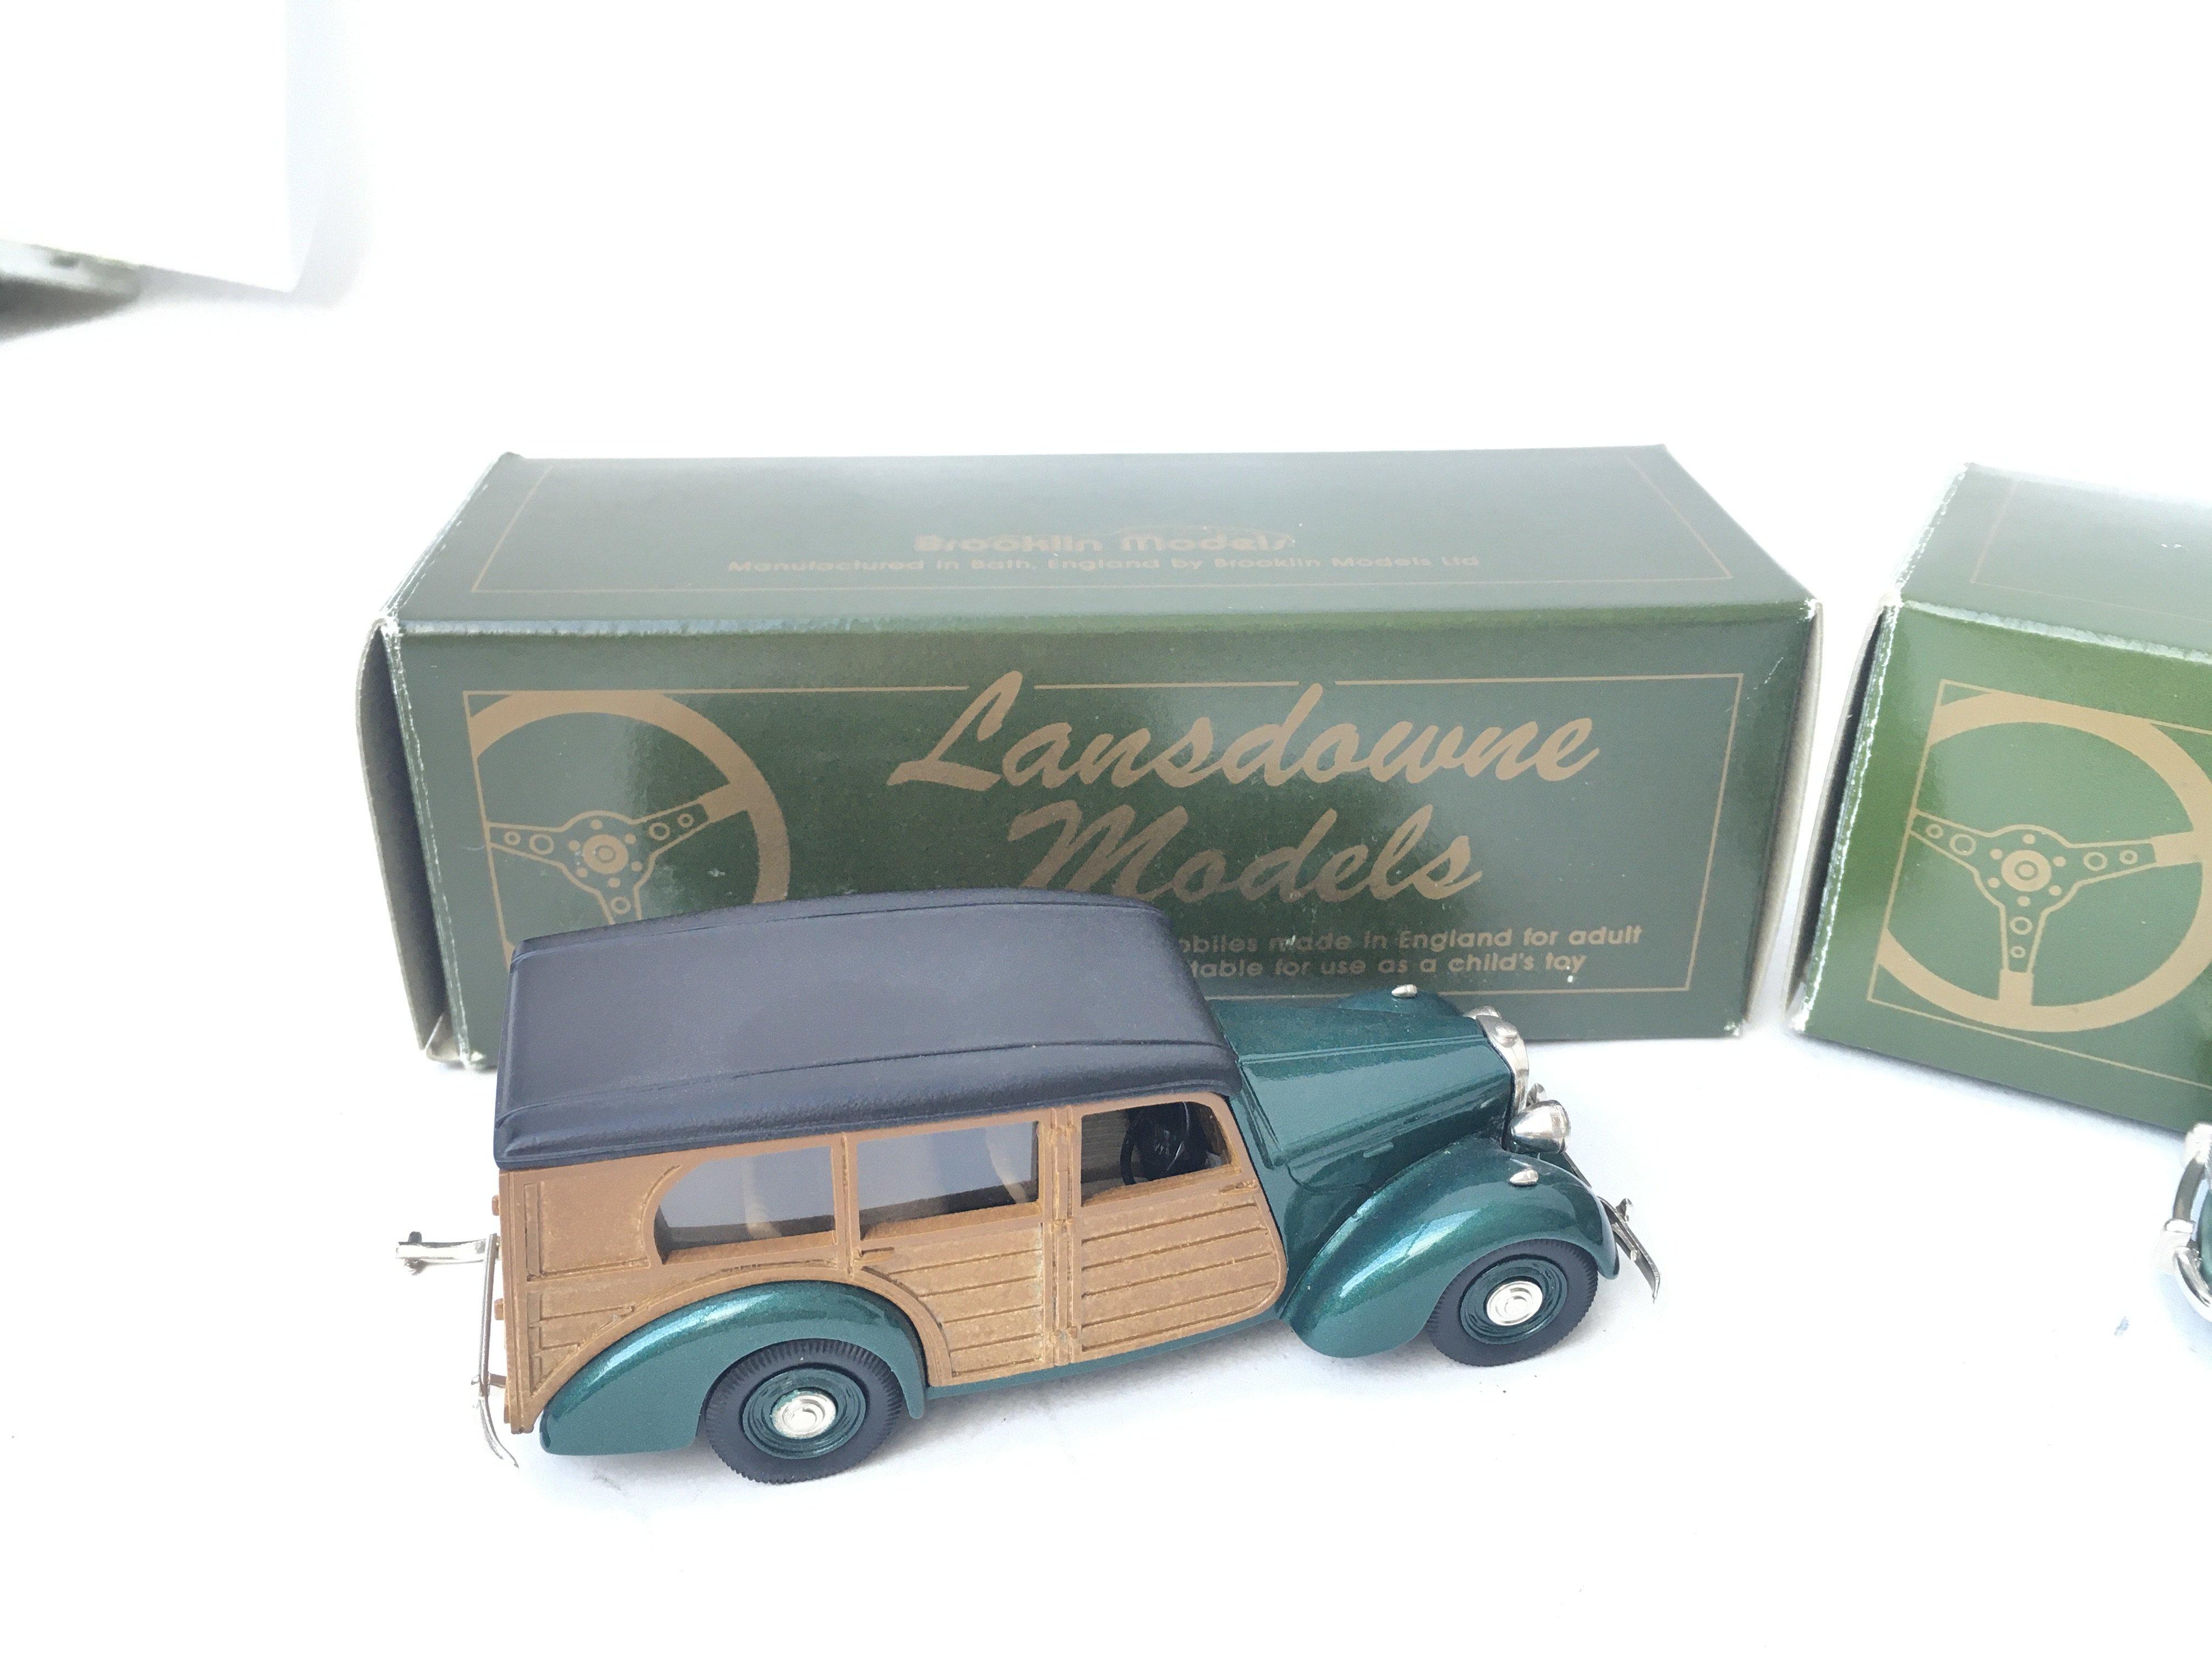 2 X Lansdowne Models including LDM 21 1950 Lea Fra - Image 2 of 3